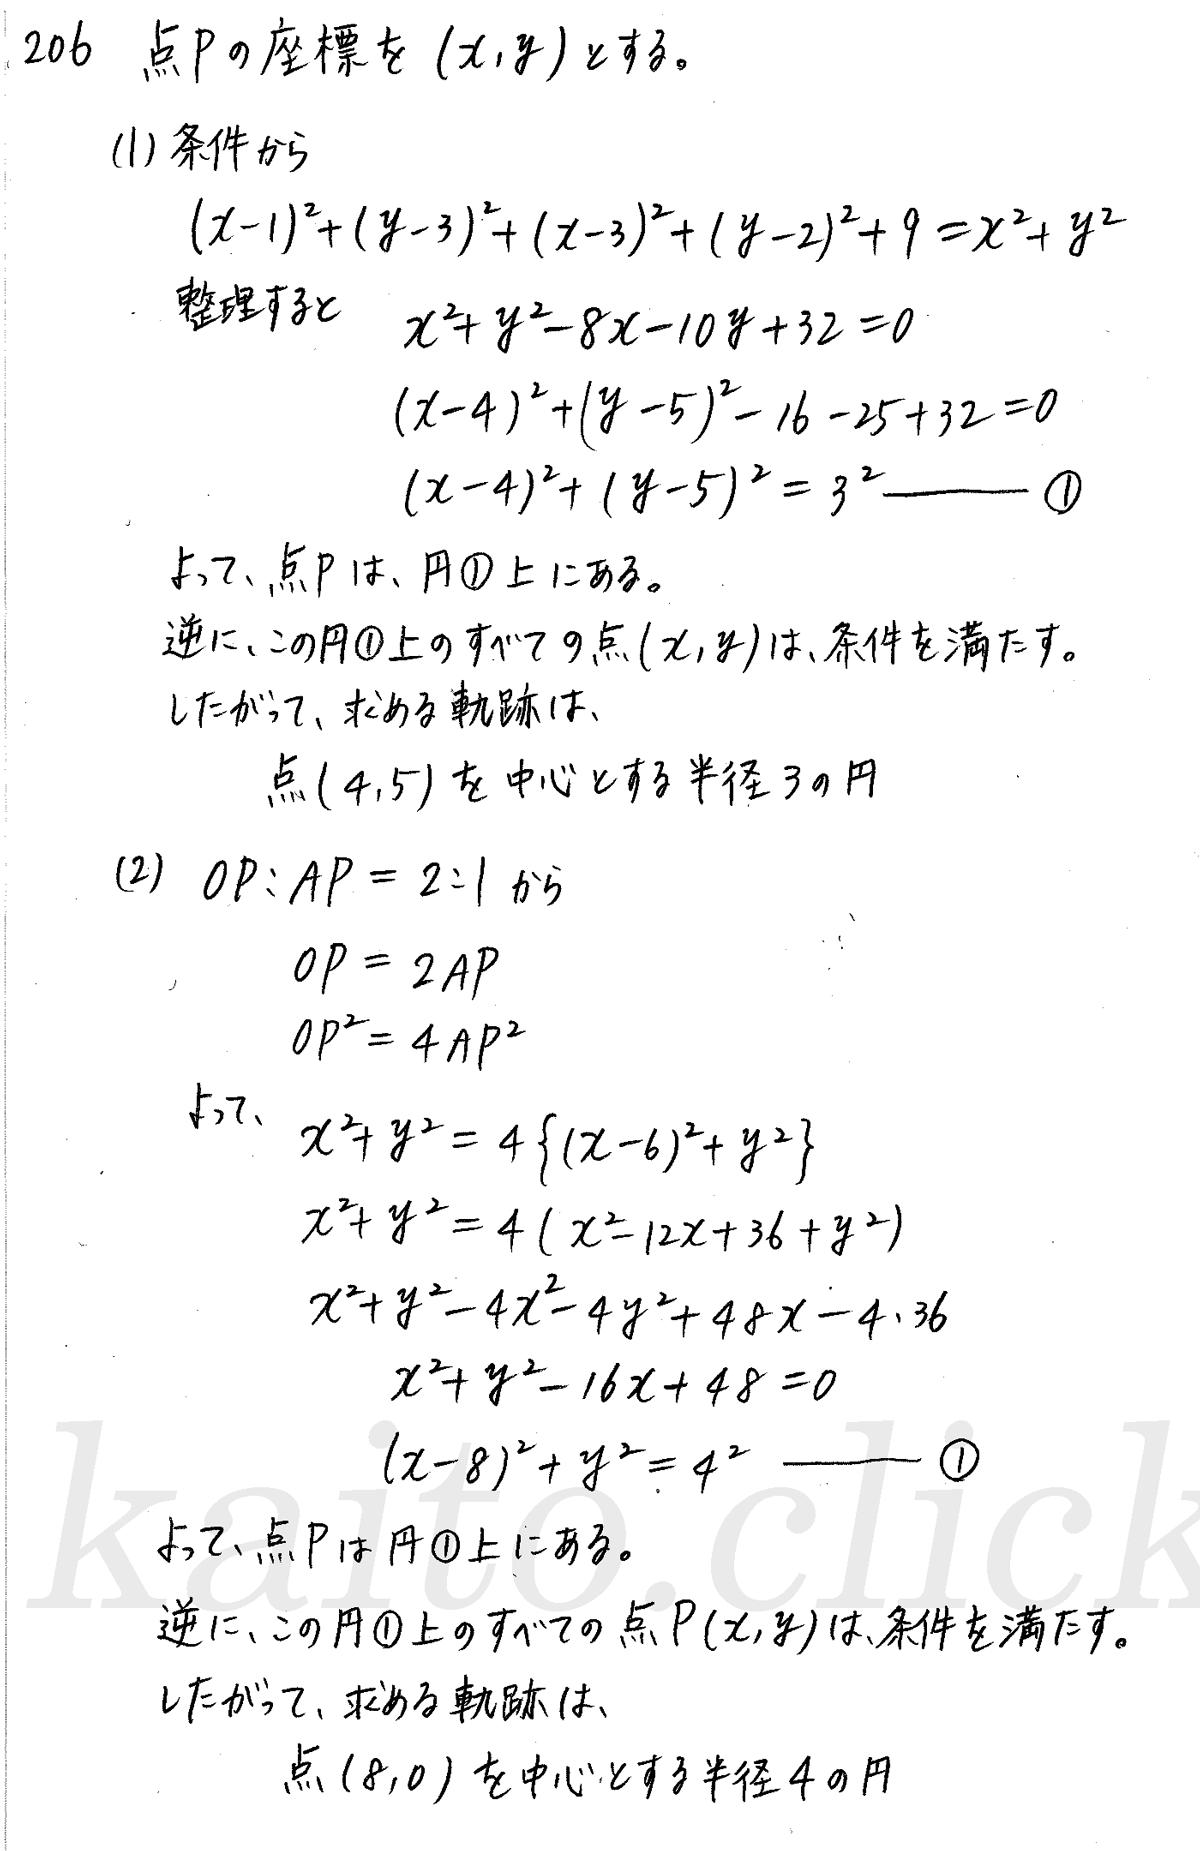 クリアー数学2-206解答